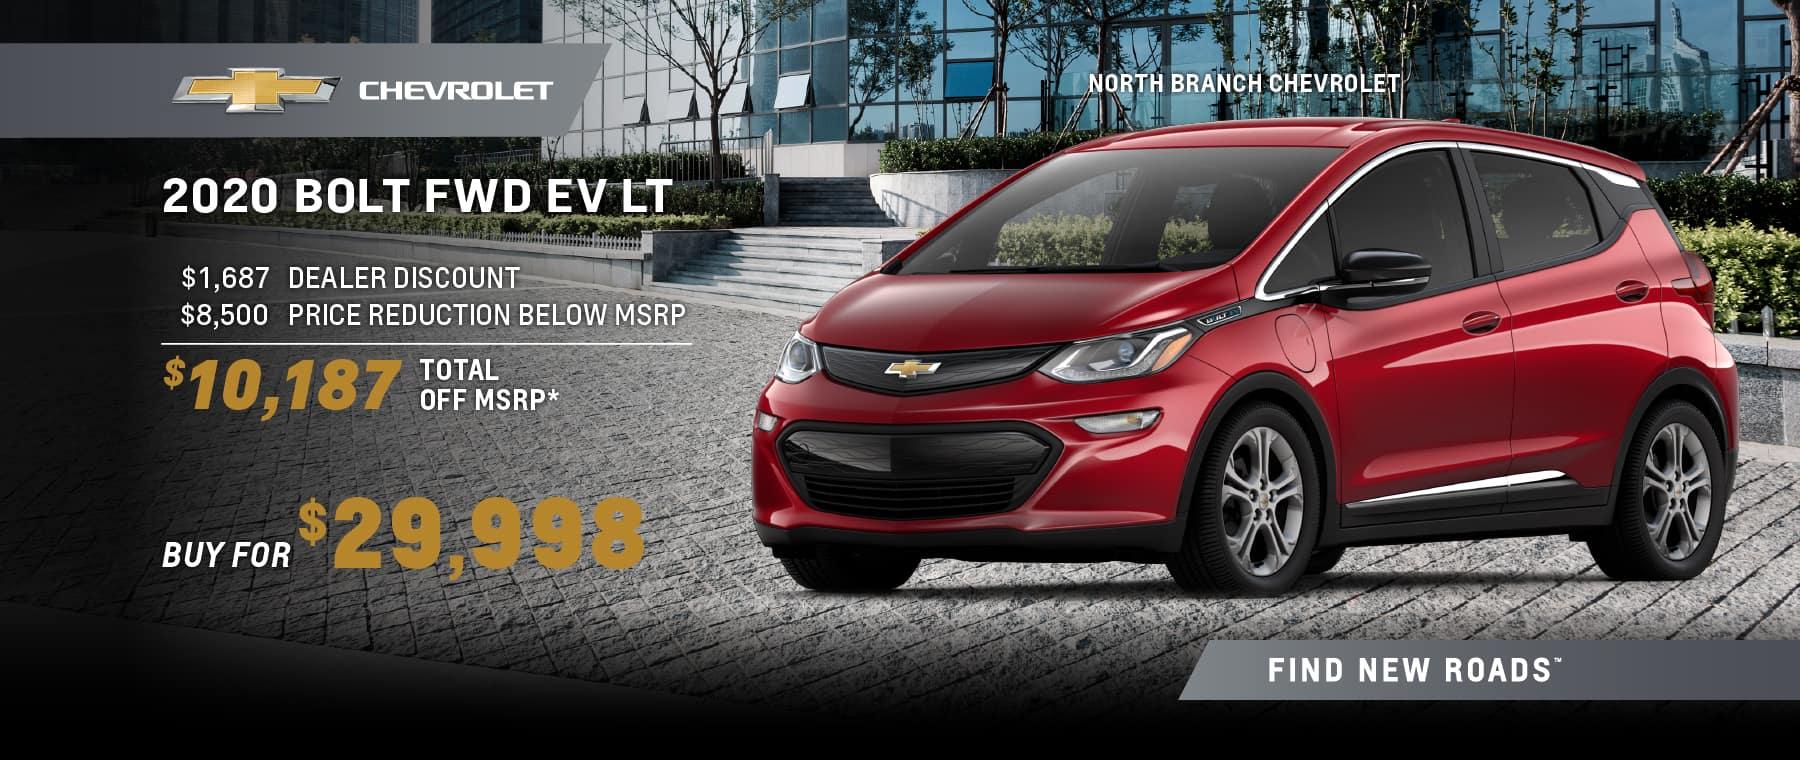 2020 BOLT FWD EV LT